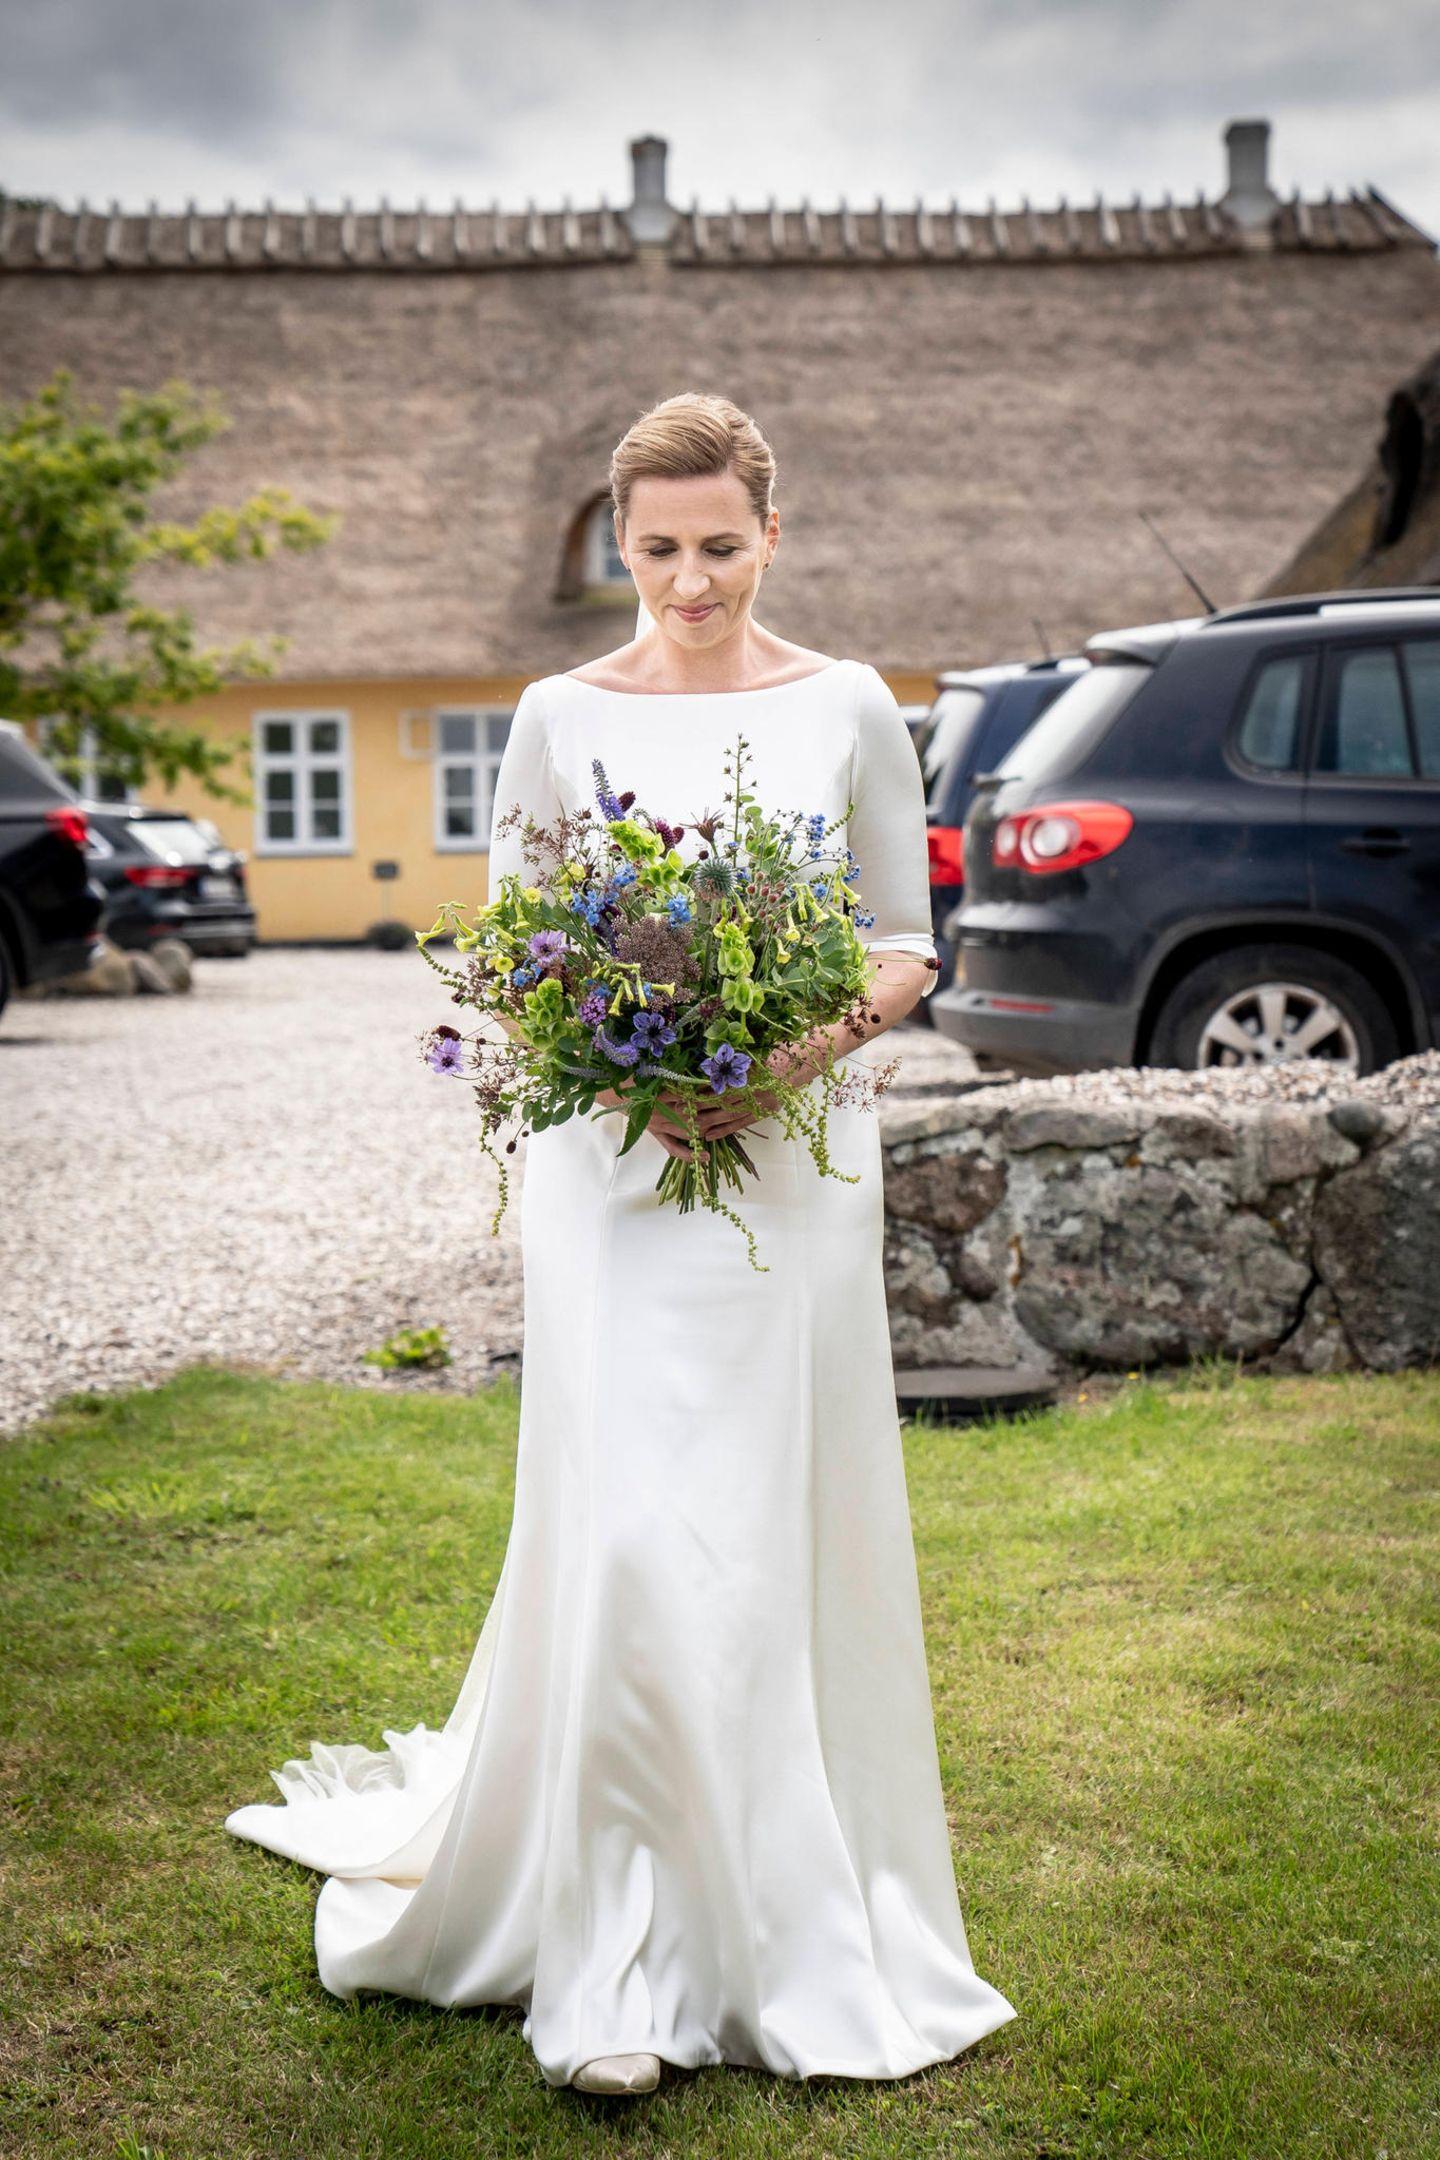 Die 42-Jährige wählt ein schlichtes Kleid: Halblange Ärmel, der U-Boot-Ausschnitt und der leicht ausgestellte Rock erinnern an das Brautkleid von Herzogin Meghan. Das Haar trägt sie hochgesteckt. Besonderer Hingucker ist auch der große Brautstrauß aus Wildblumen.